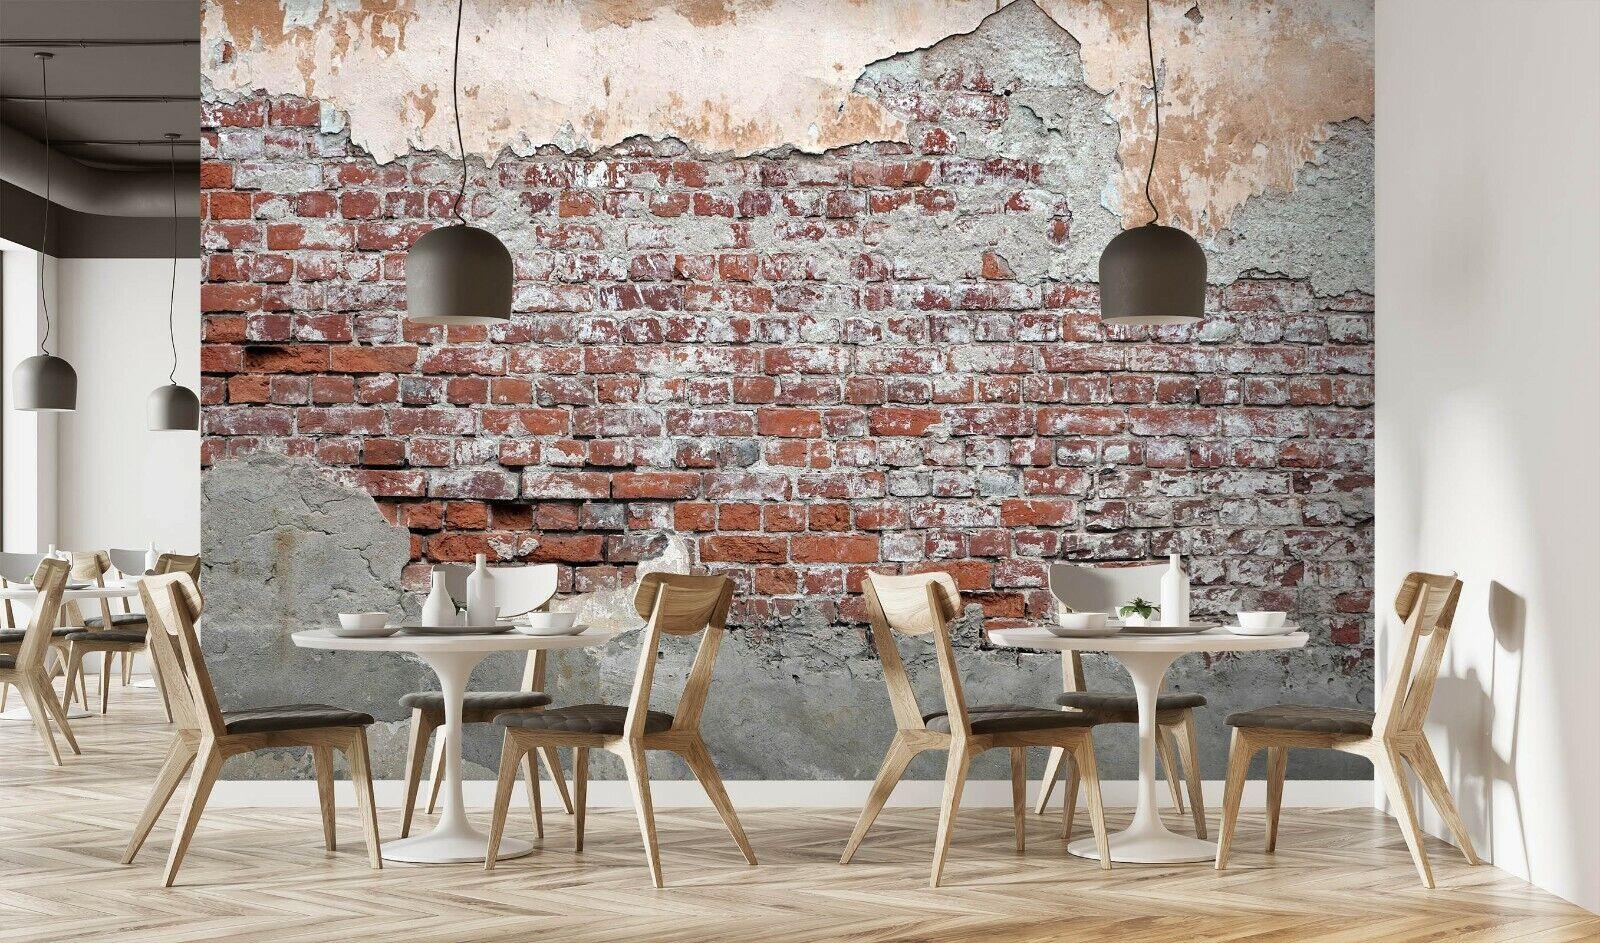 3D Backsteinmauer Q226 Geschäft Tapete Wandgemälde Selbstklebend Handel Amy